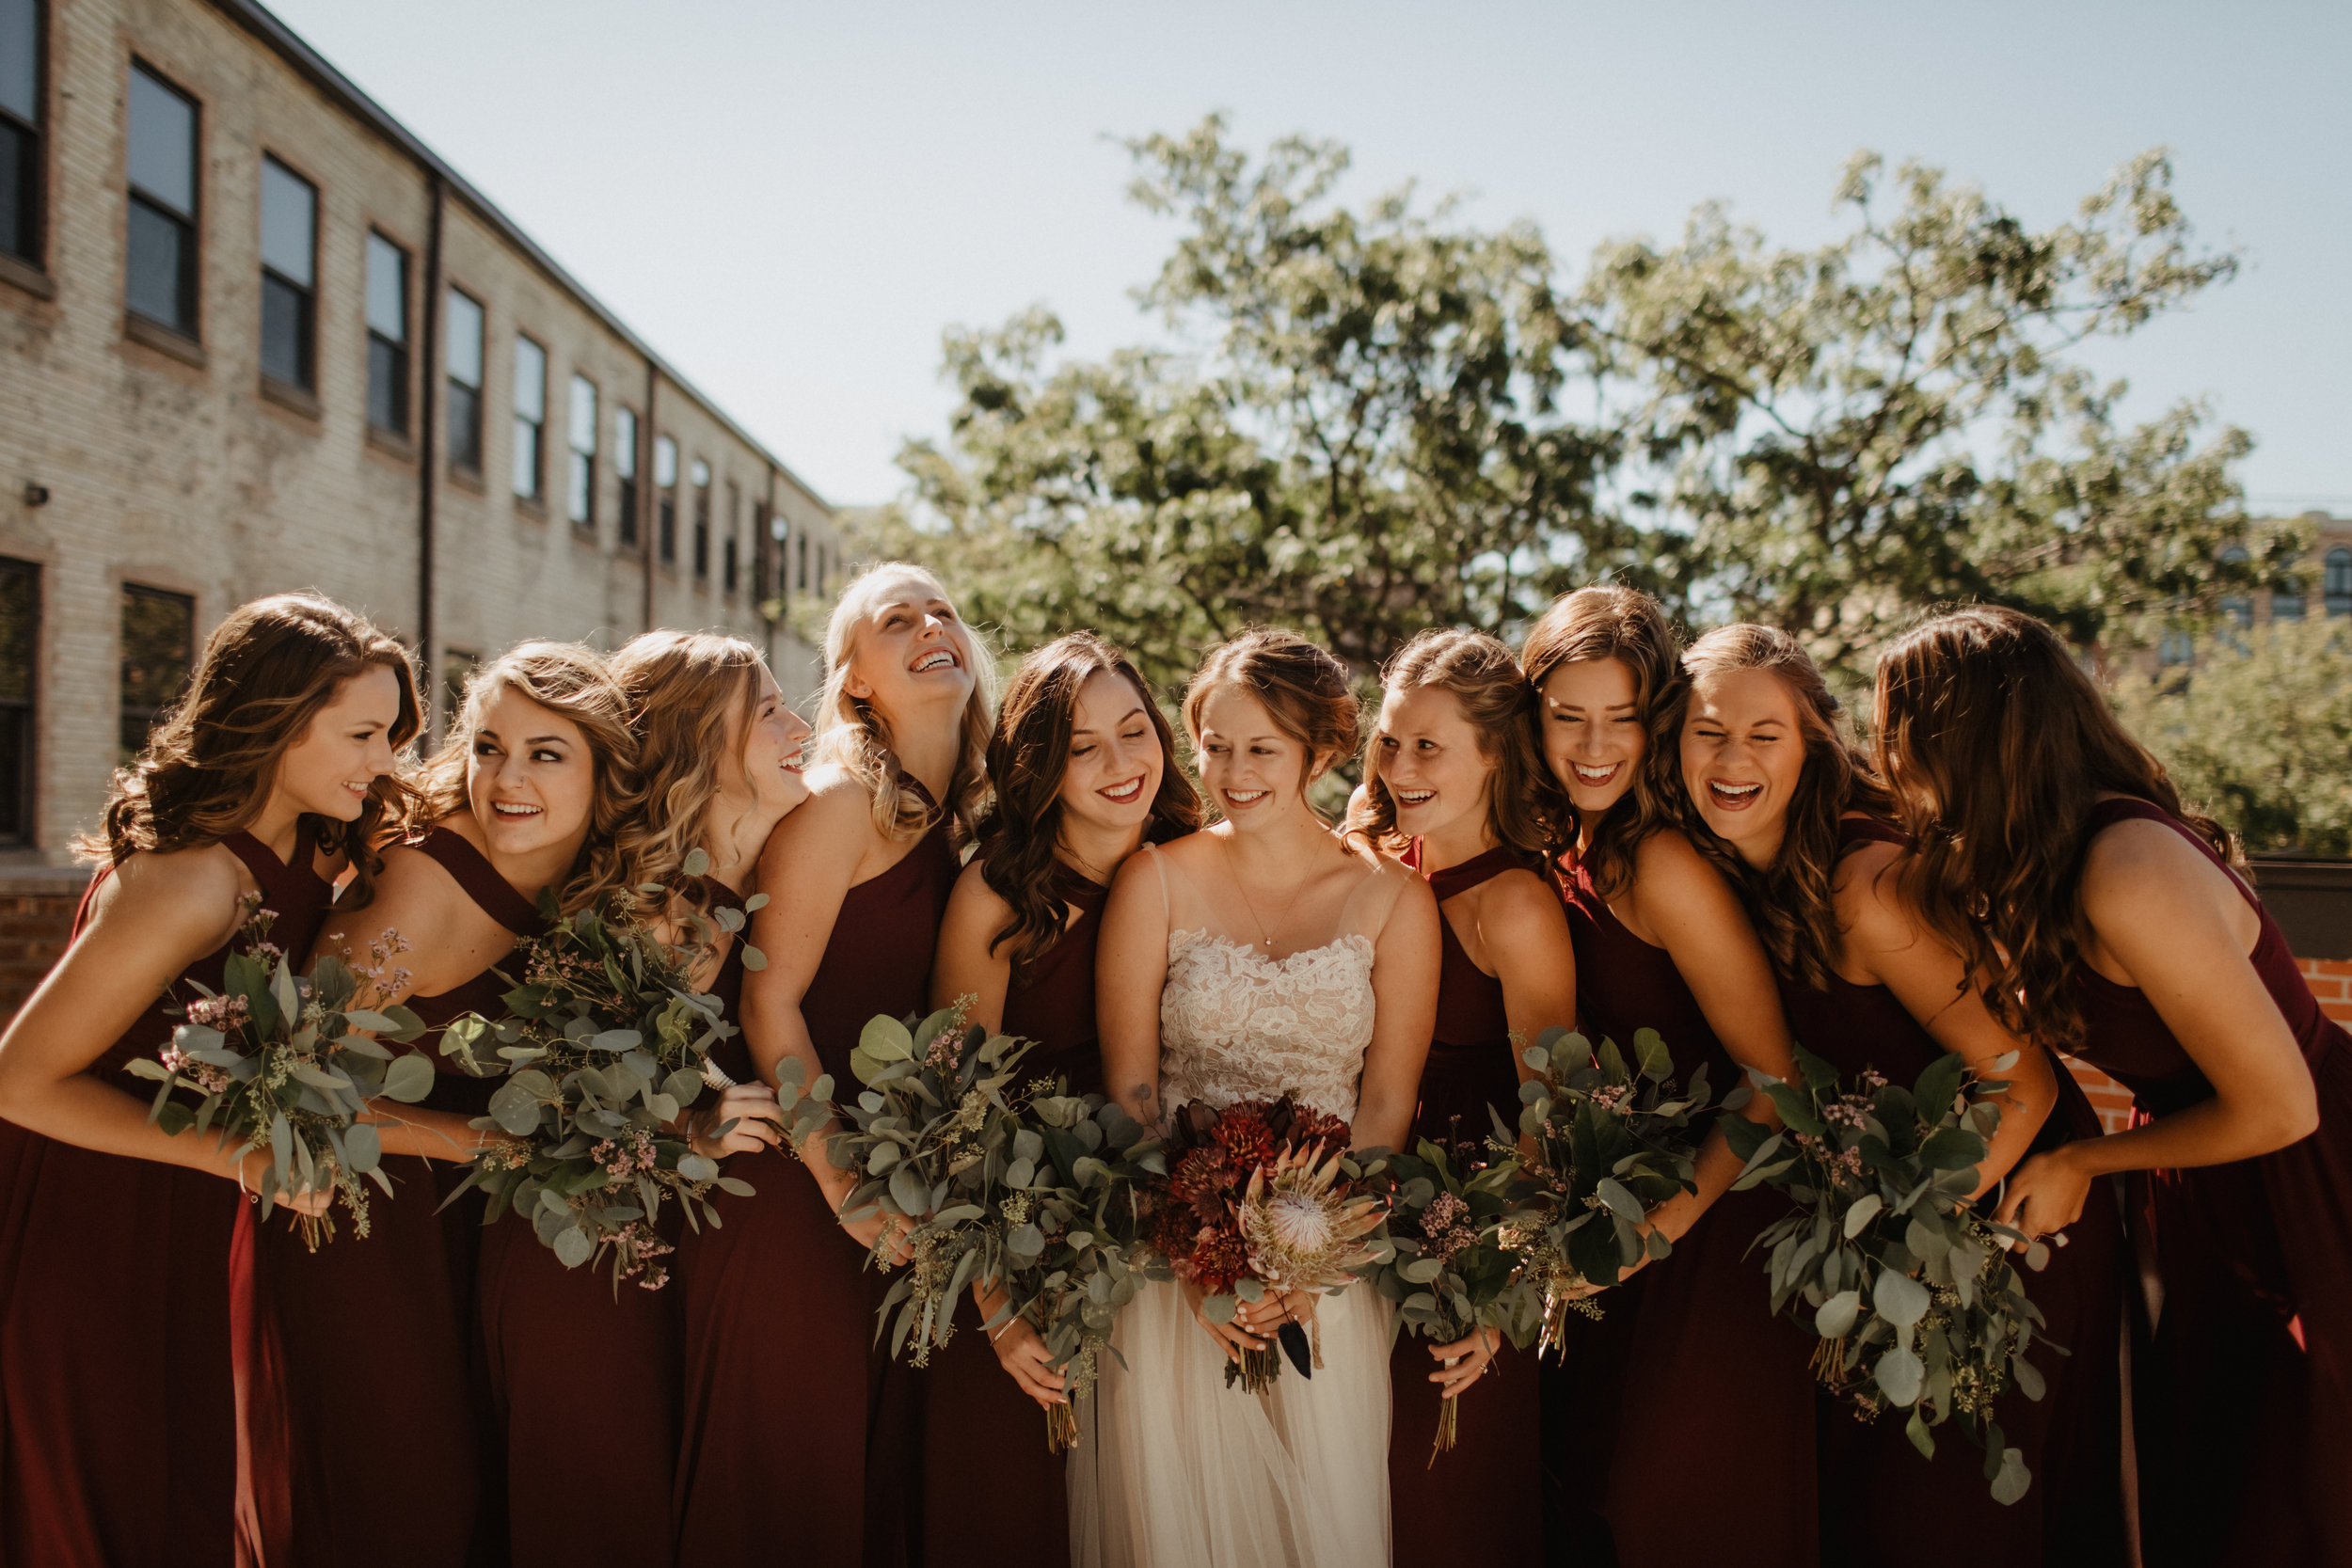 Cute-Bridesmaid-Pictures-01